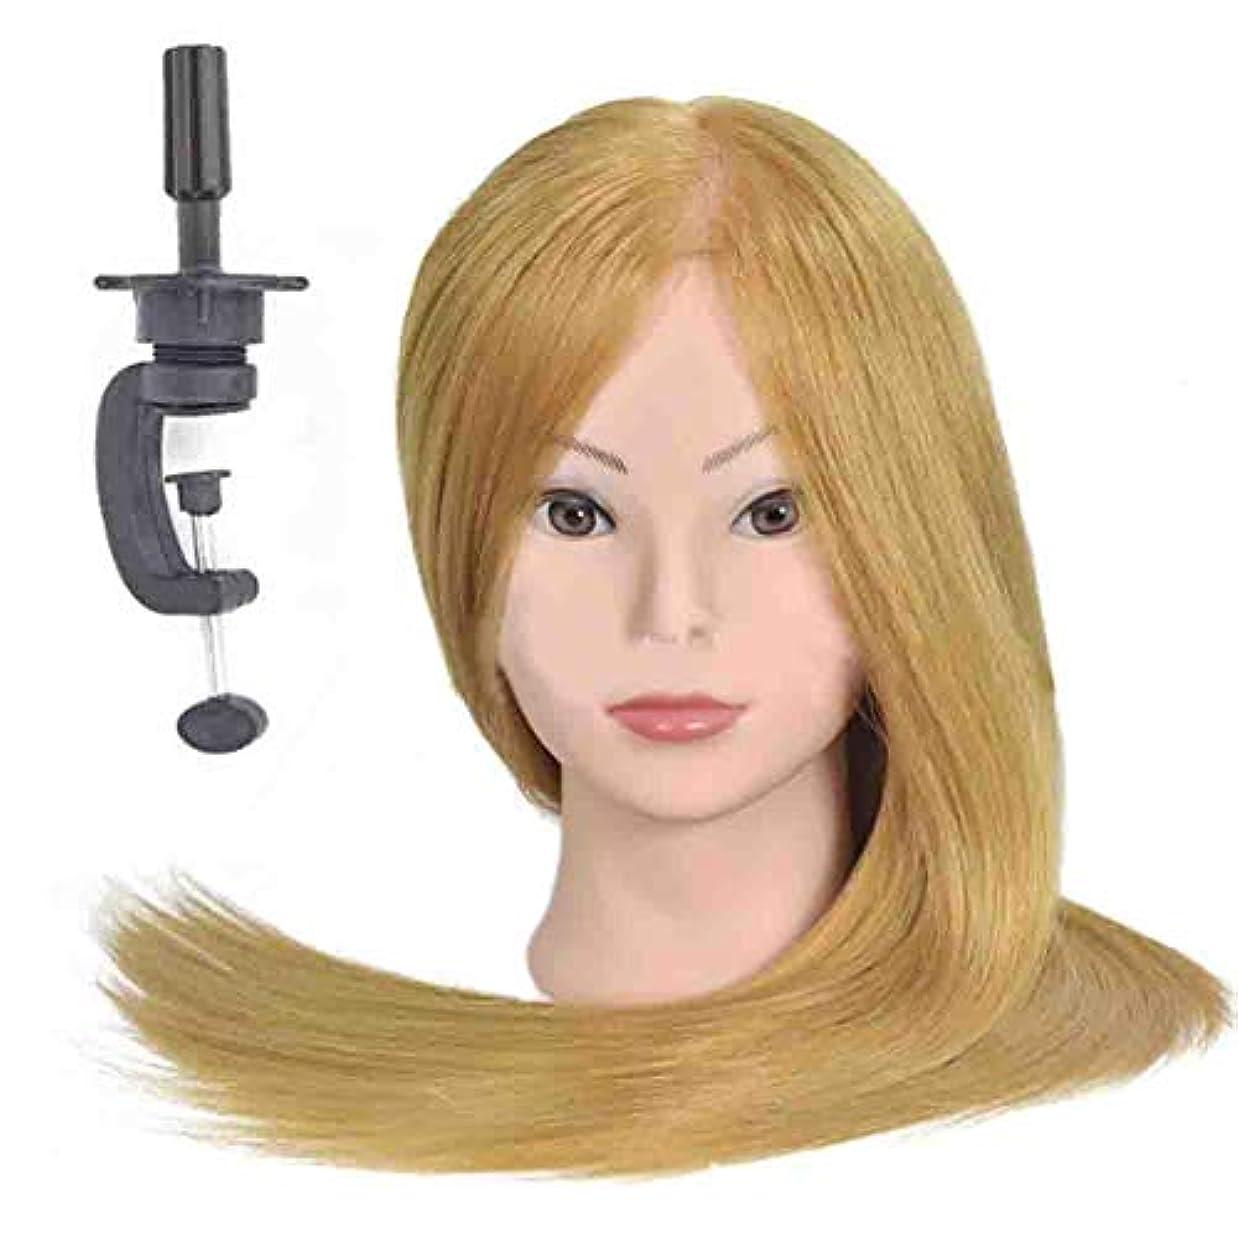 ハーフ放映教えるメイクディスクヘアスタイリング編み教育ダミーヘッドサロンエクササイズヘッド金型理髪ヘアカットトレーニングかつら